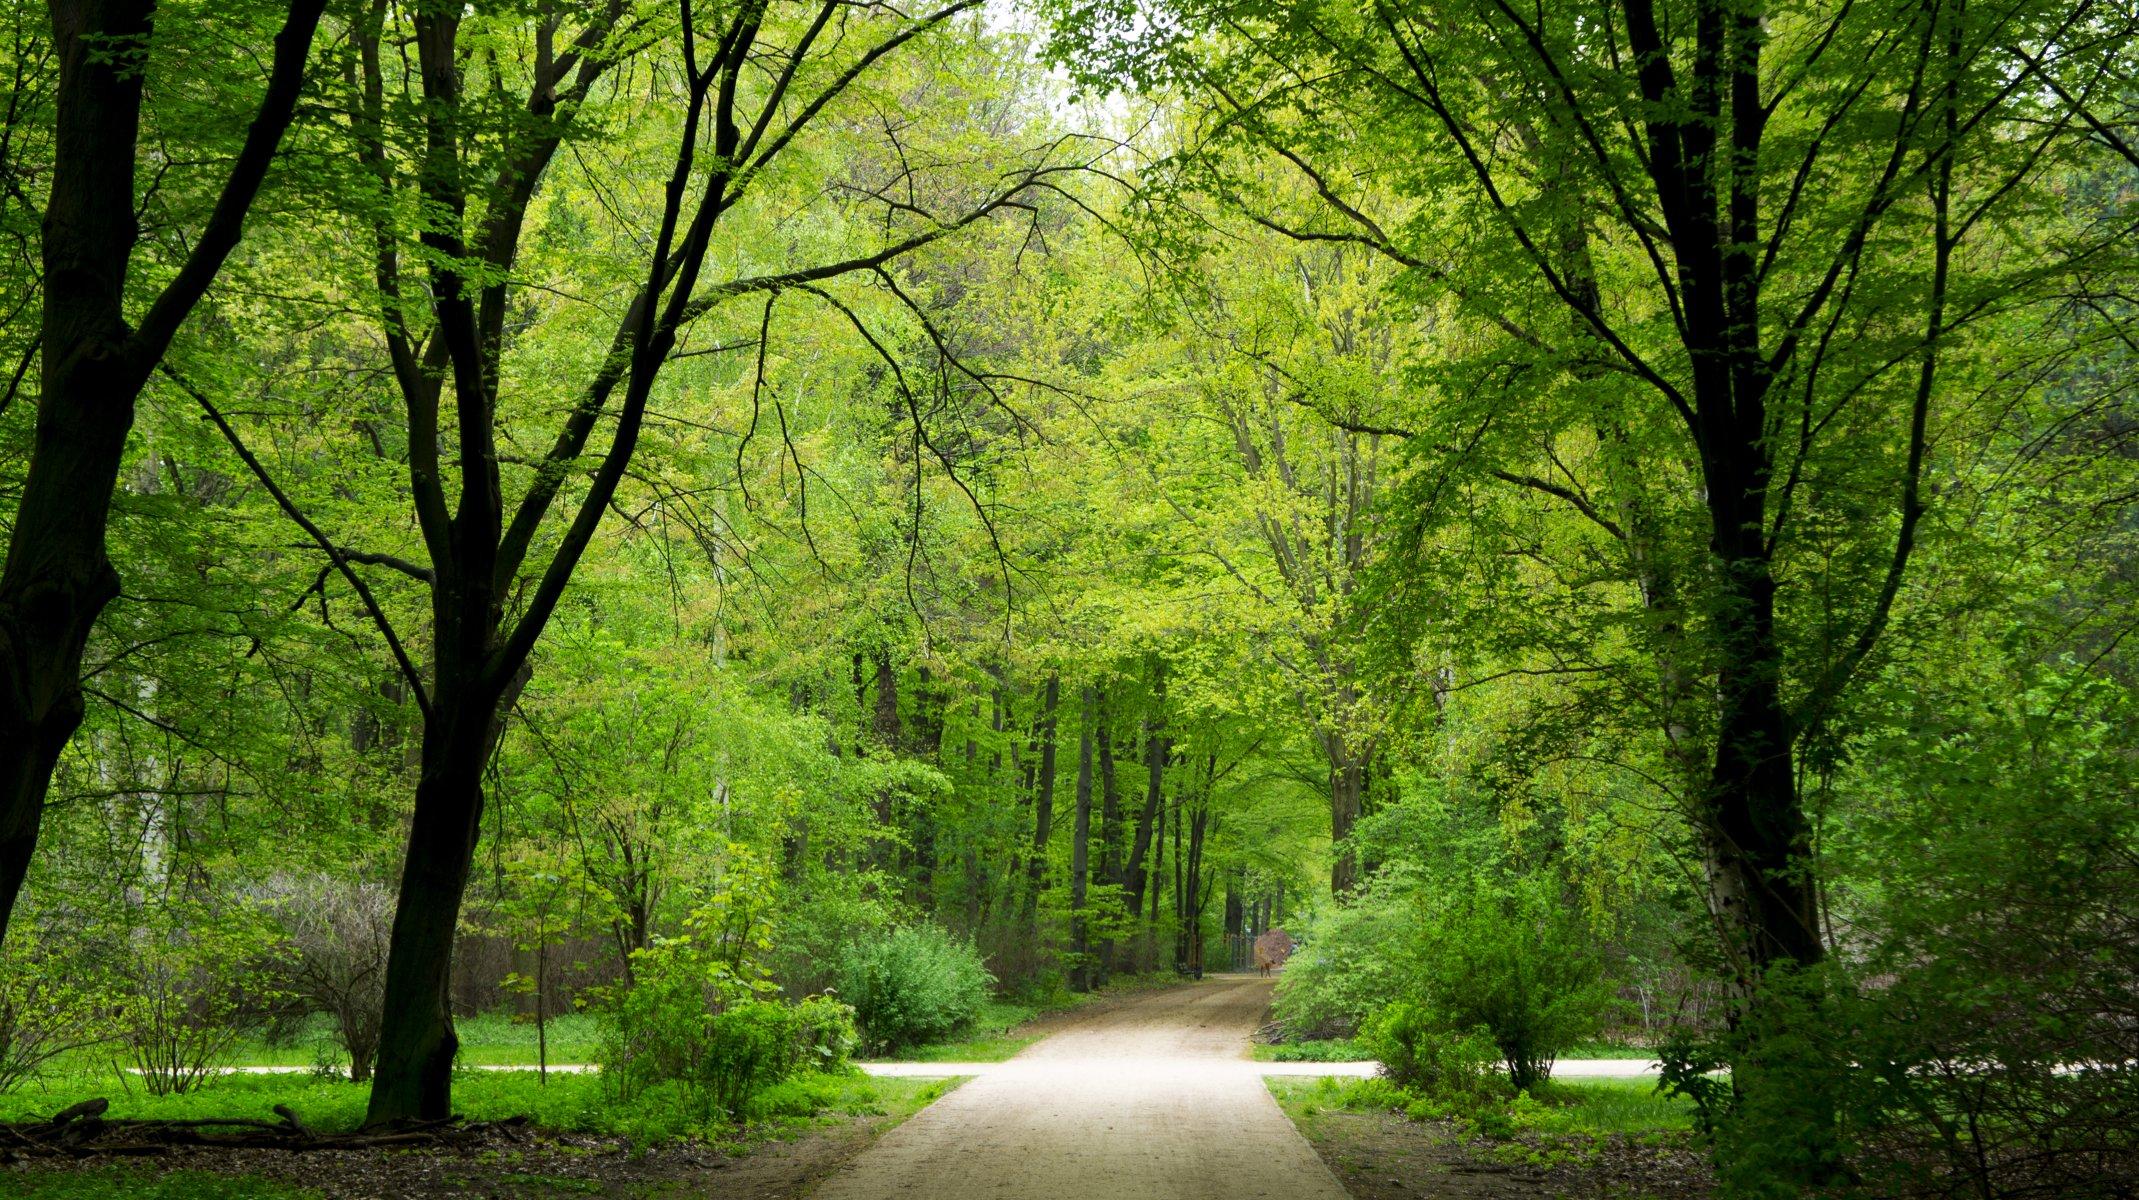 зелень лес деревья  № 1078664 загрузить